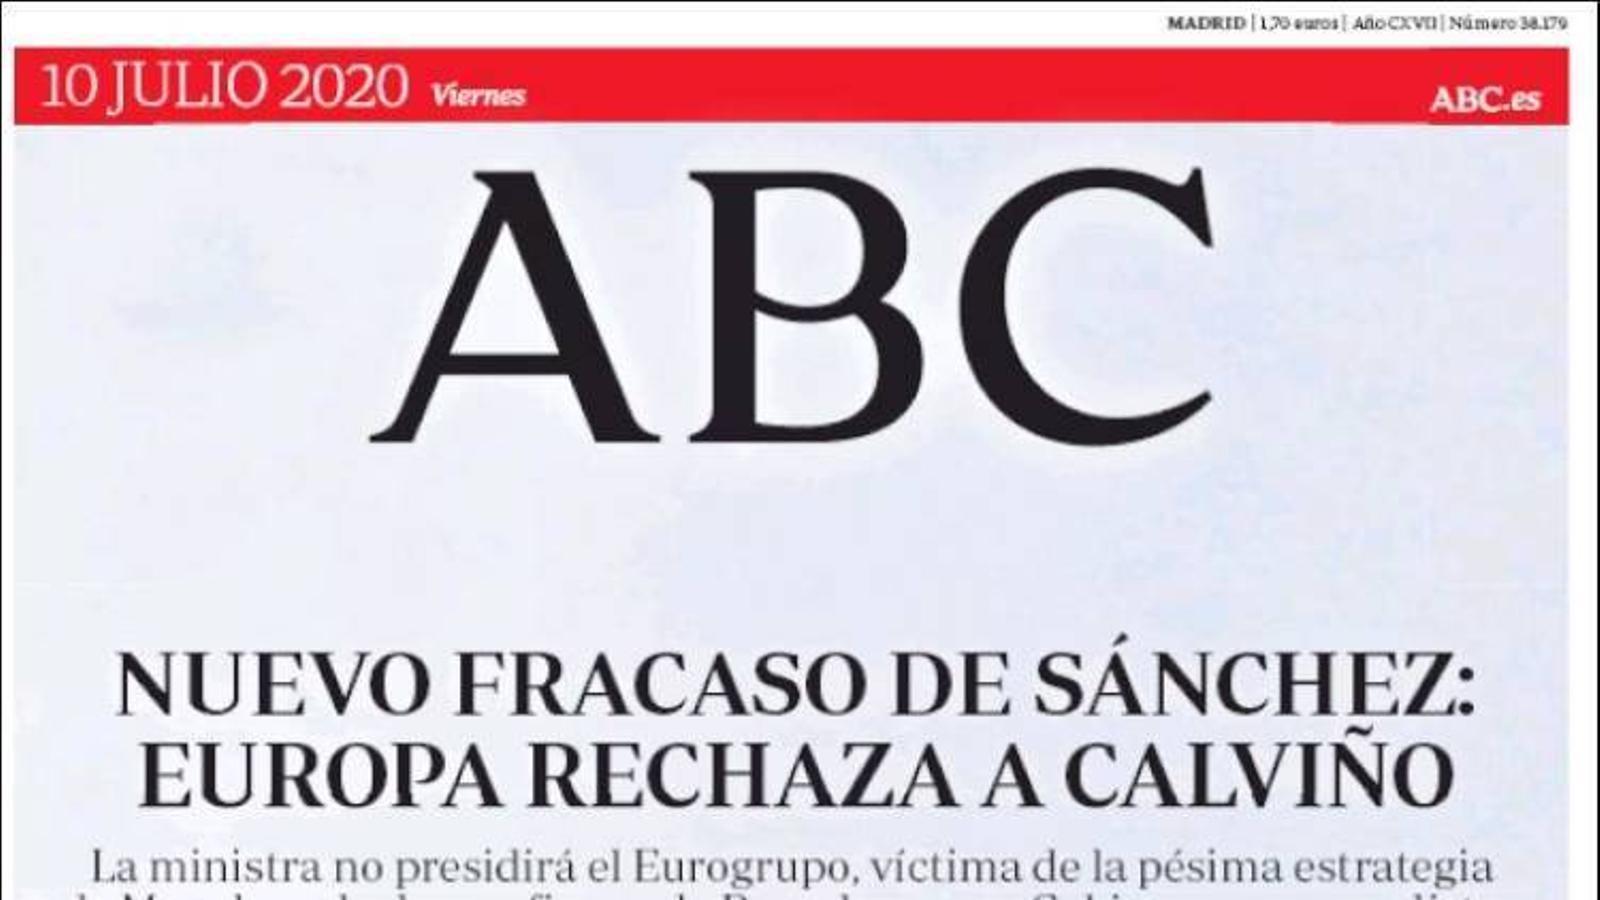 La portada de l''Abc' del divendres 10 de juny de 2020